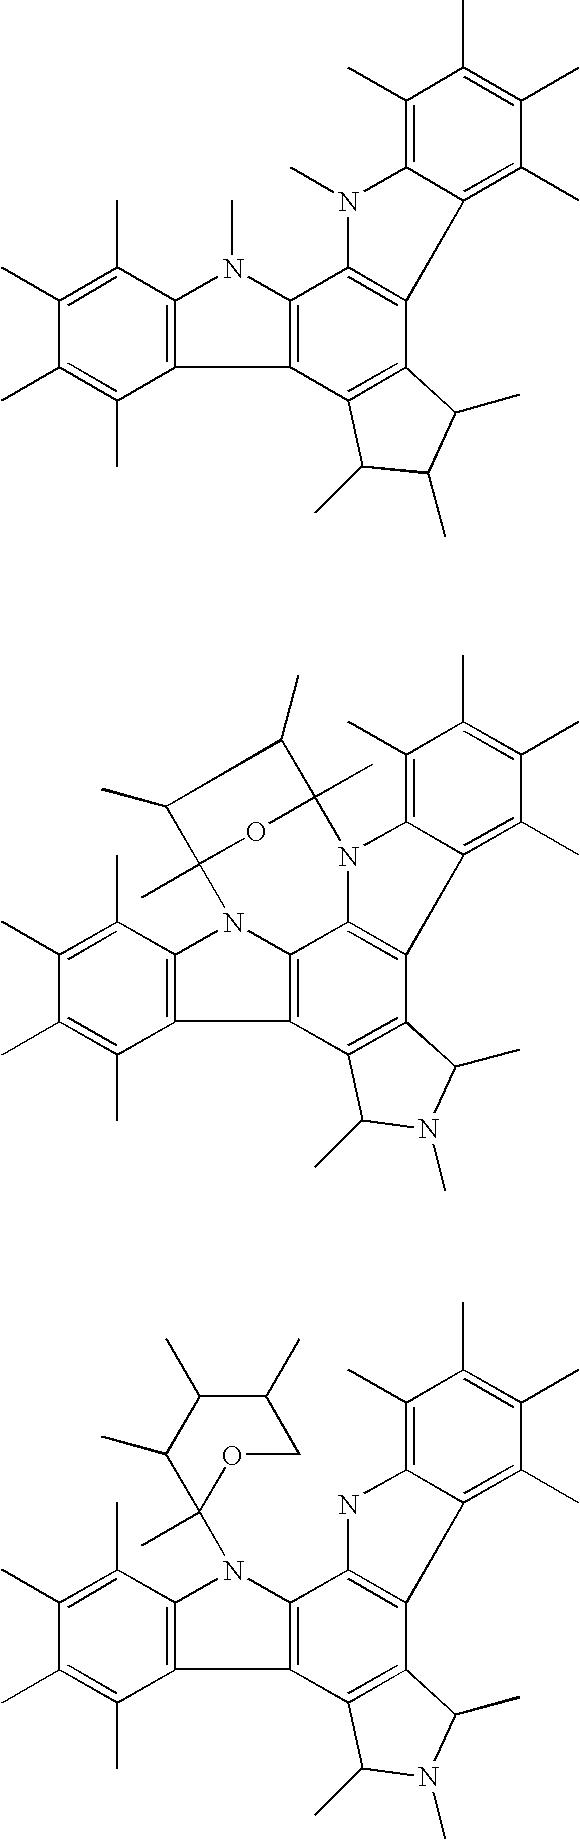 Figure US08414927-20130409-C00006